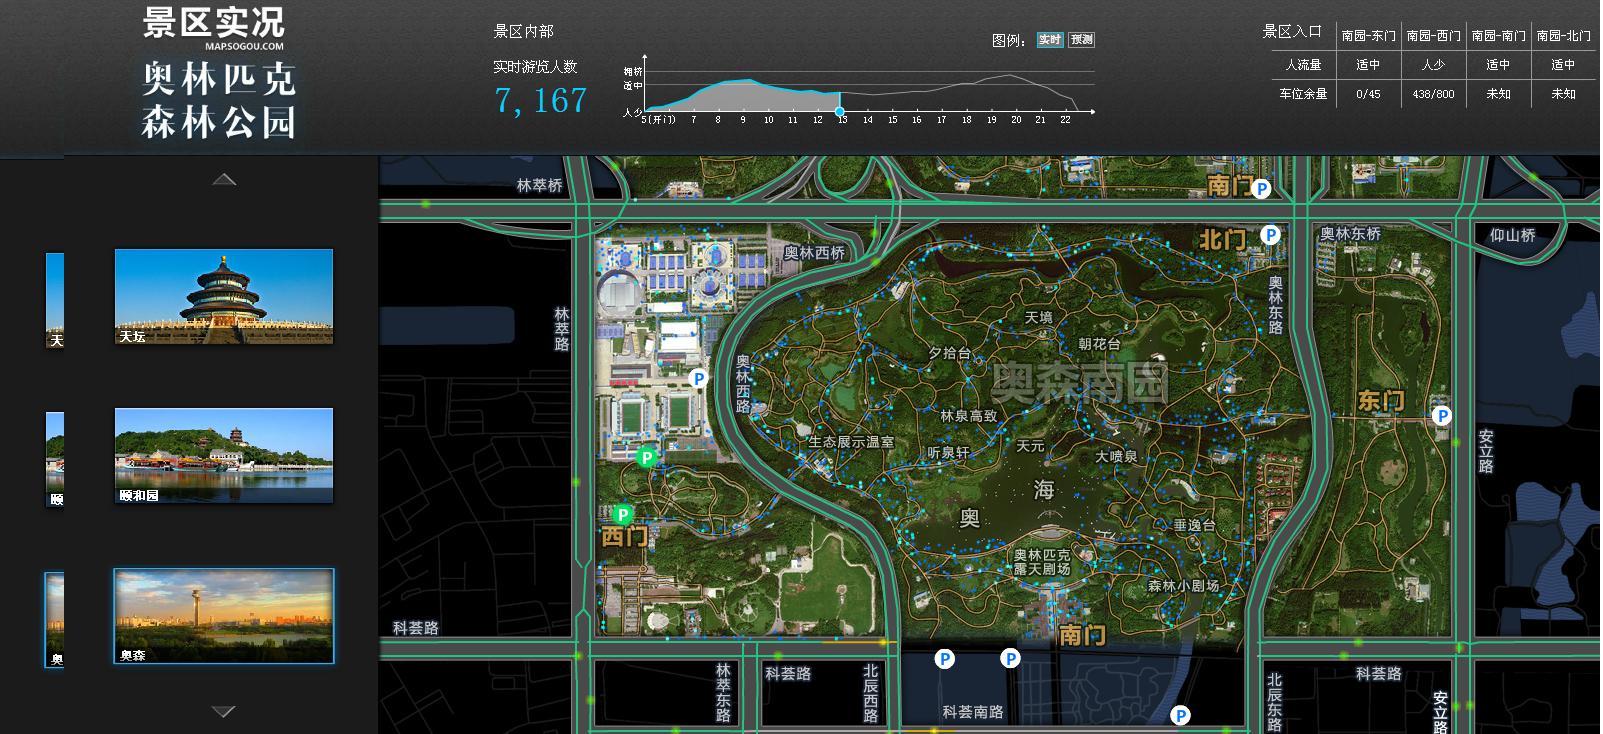 颐和园总平面图高清大图